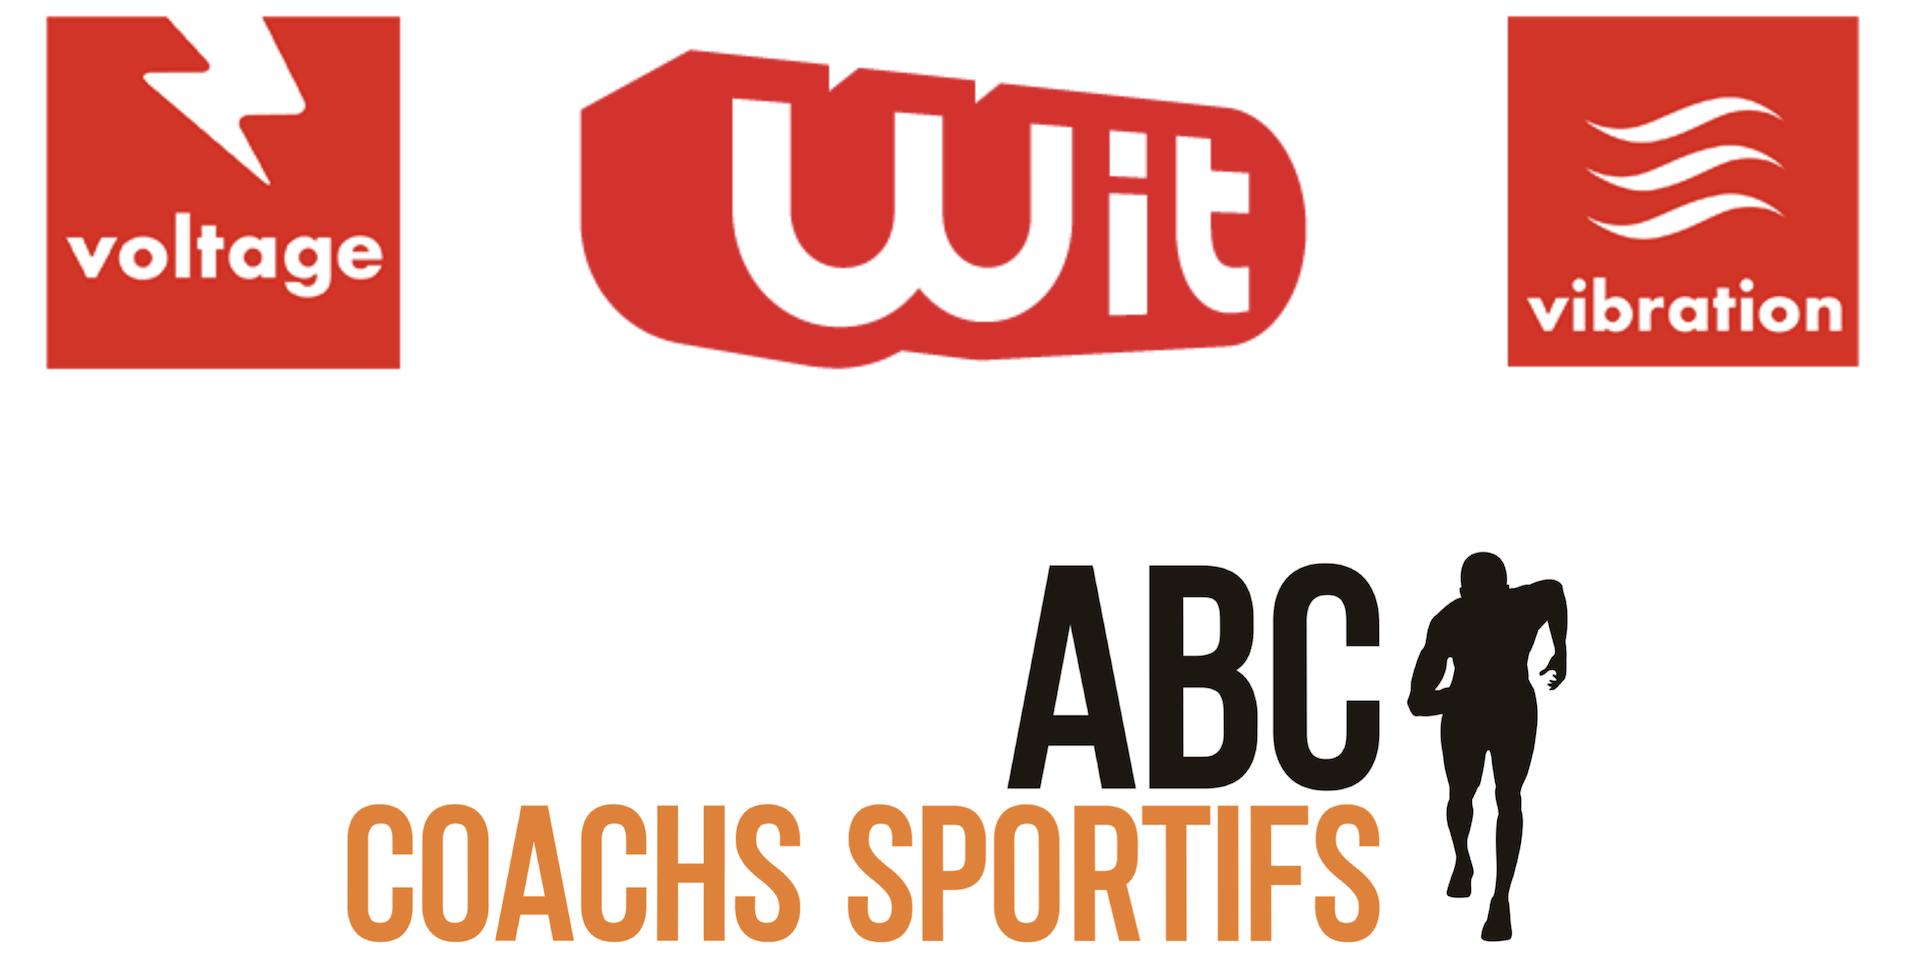 conseil coach sportif abc coach radio